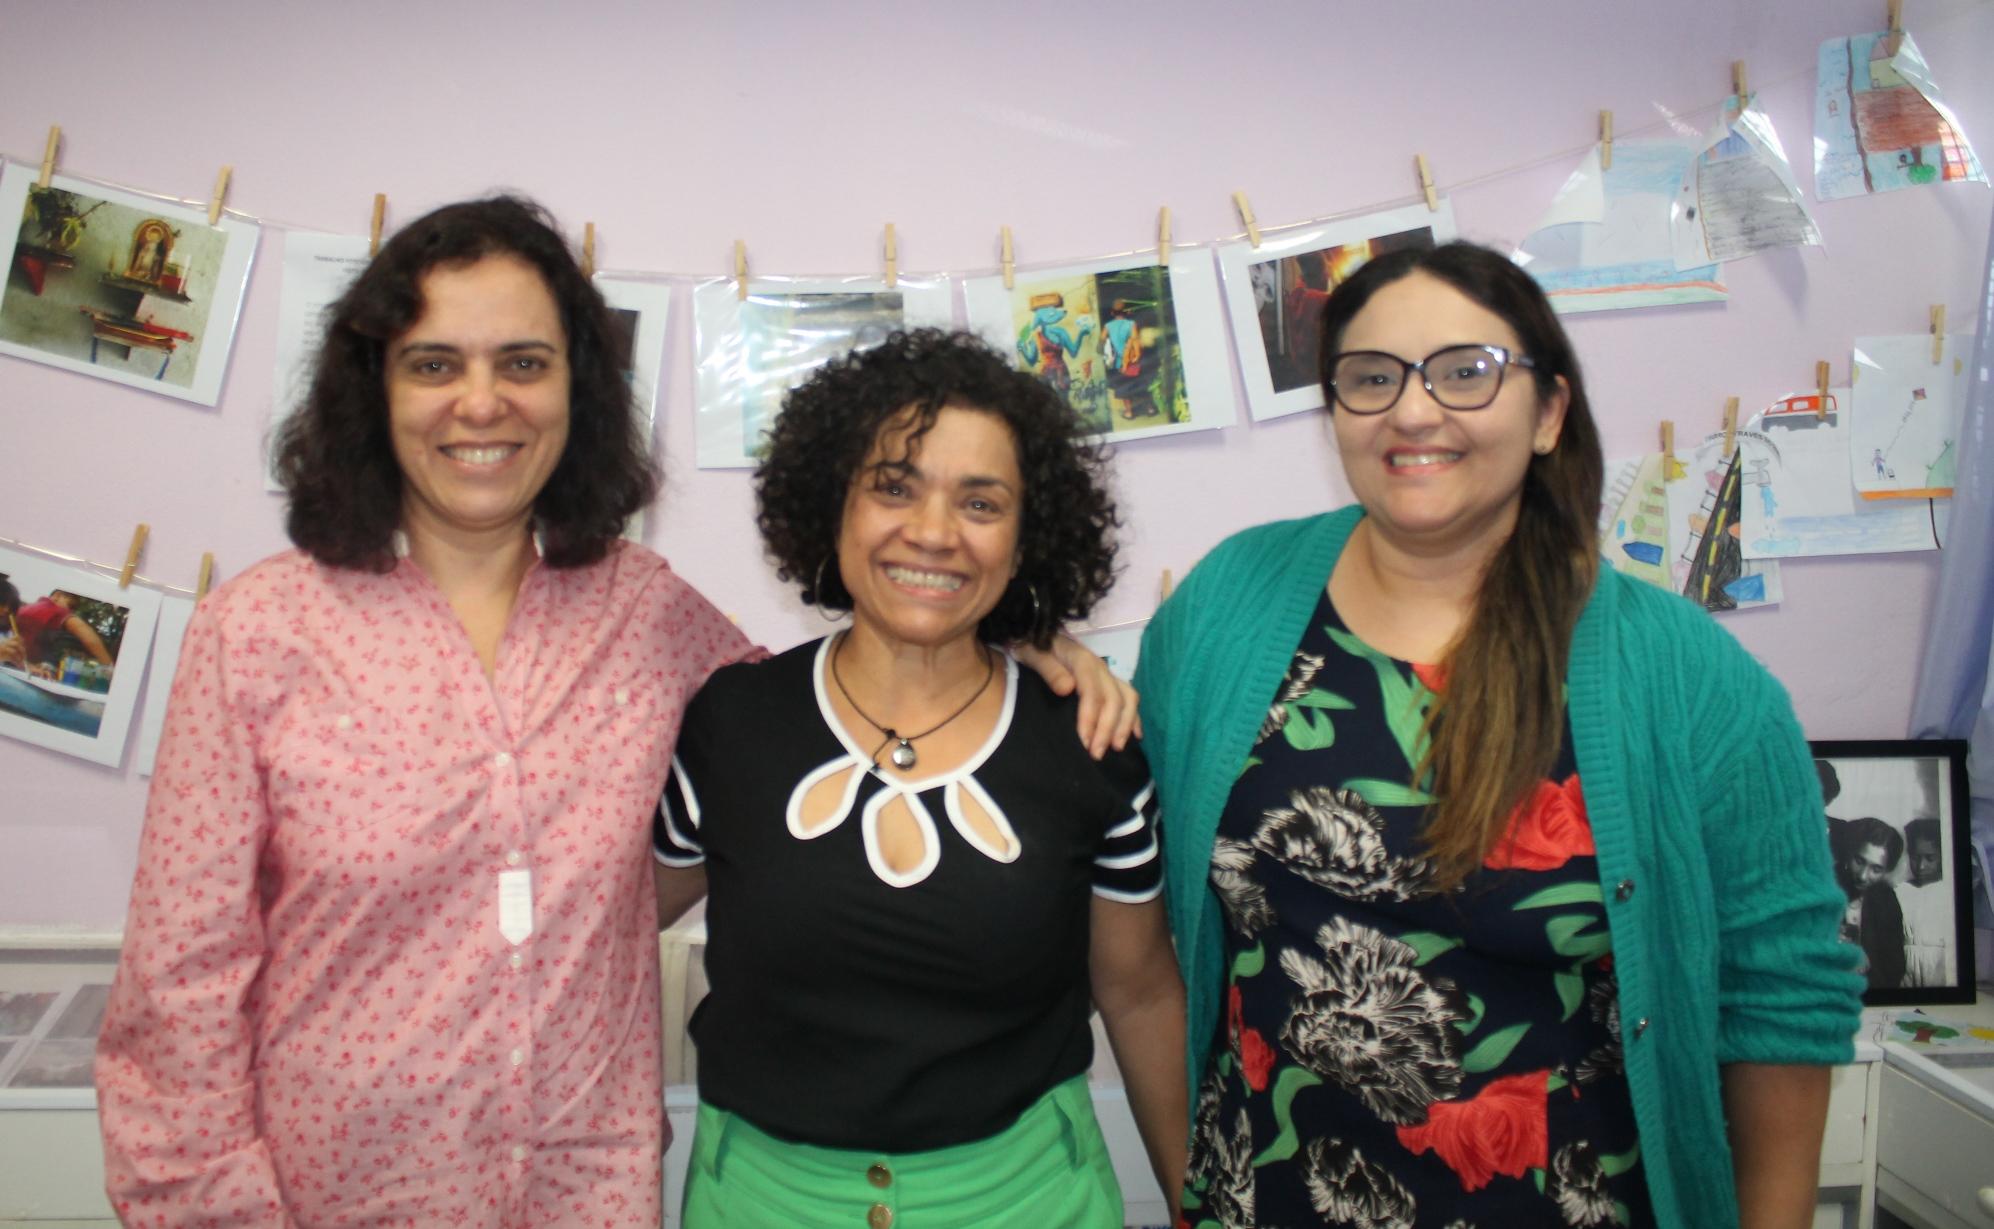 Elizabeth, Núbia e Simone são responsáveis pela criação do Projeto Memórias, que resgata a memória da EMEF Solano Trindade